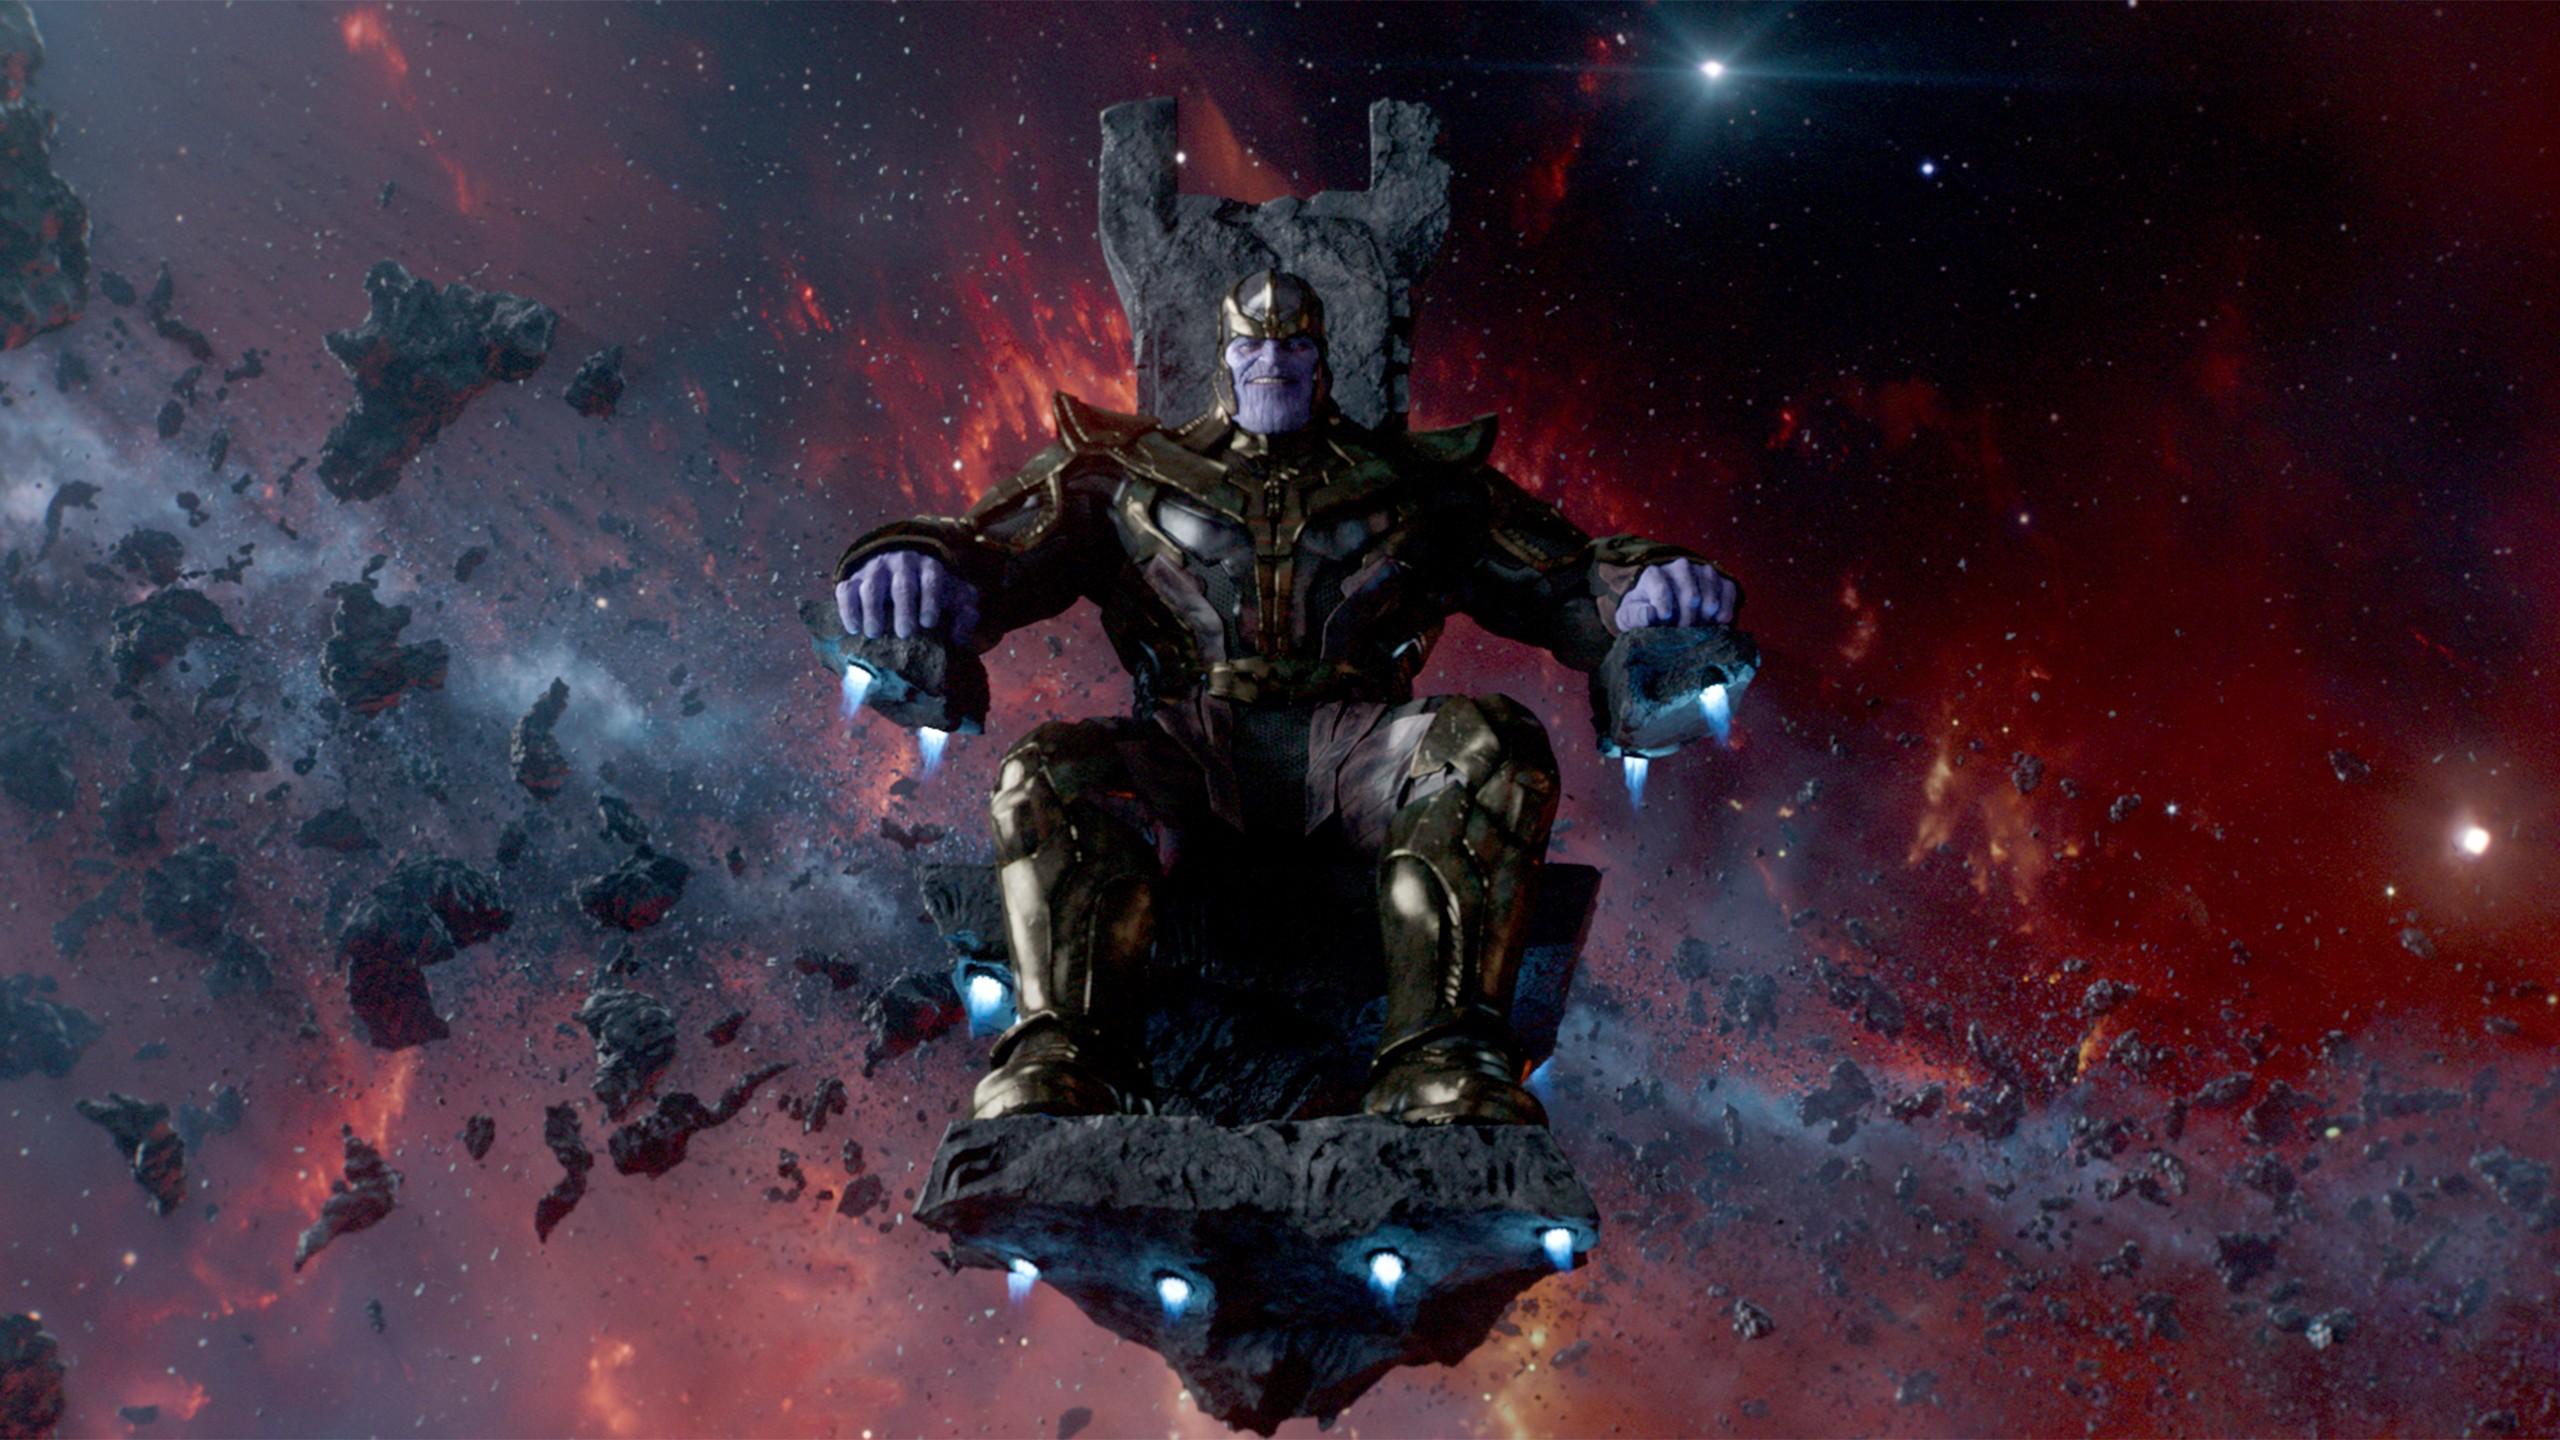 Thanos, o vilão vivido por Brolin no Universo Cinematográfico Marvel (Foto: Divulgação)